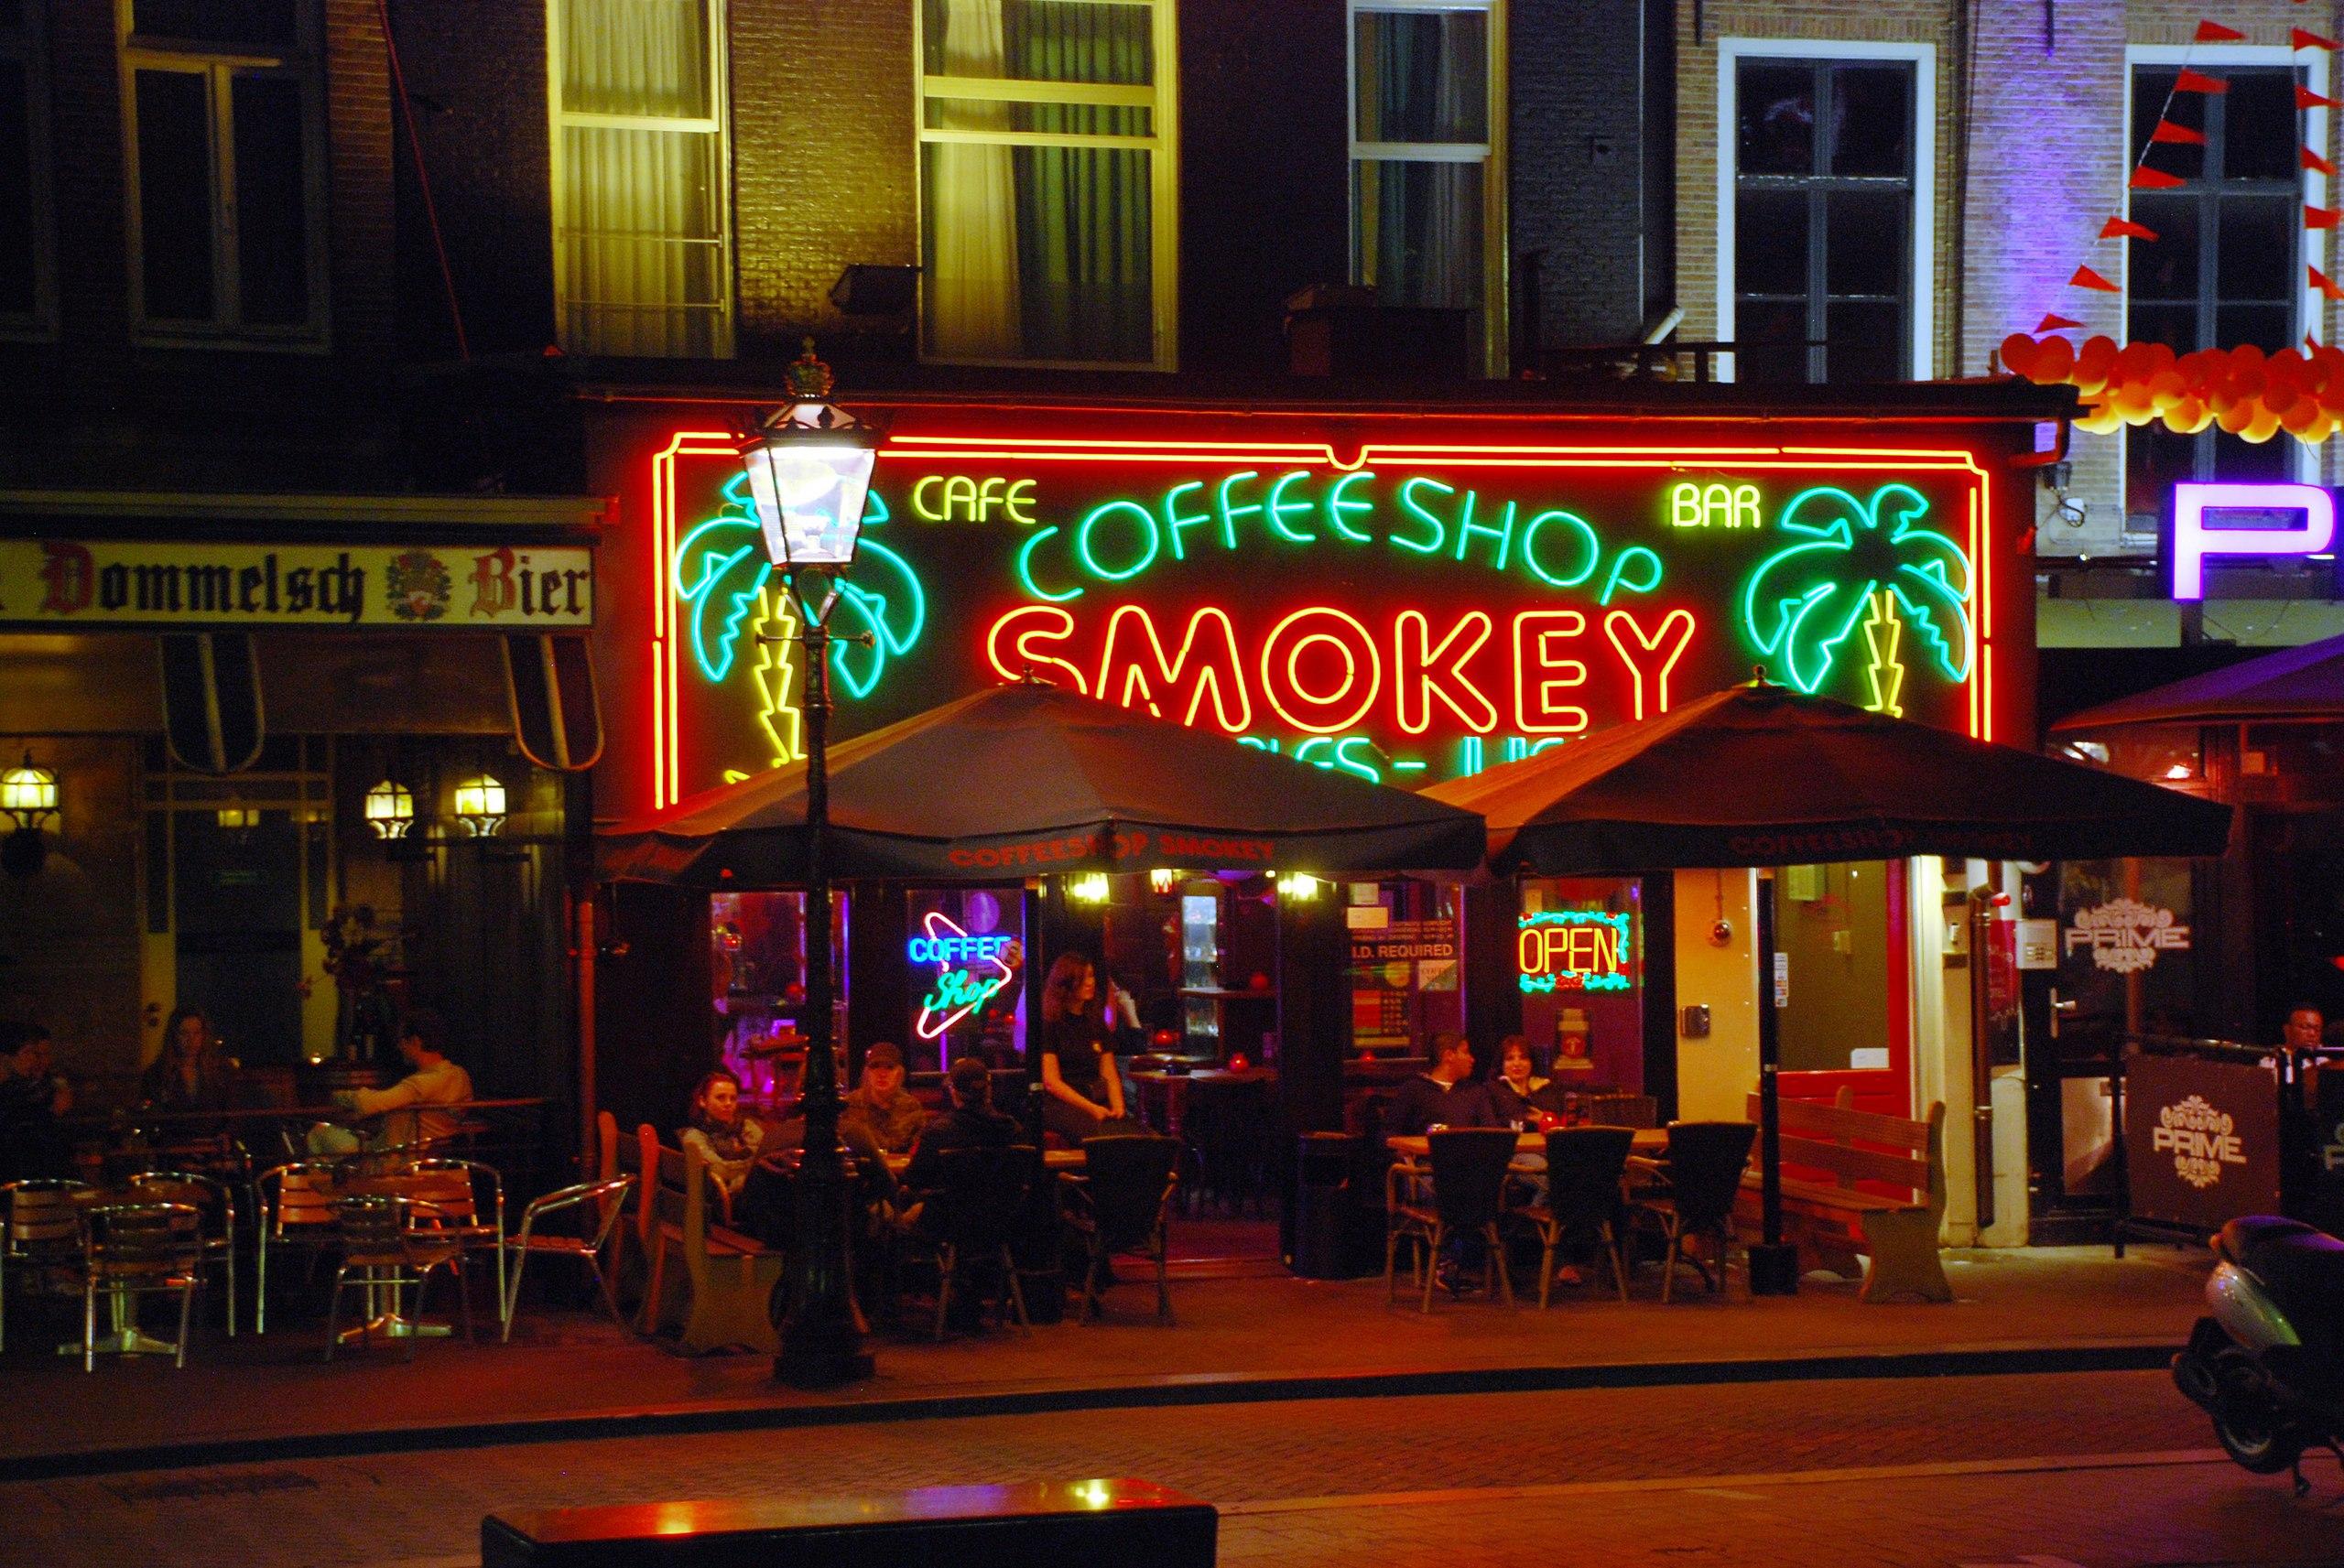 Продажа марихуаны туристам в амстердаме теплица для марихуаны